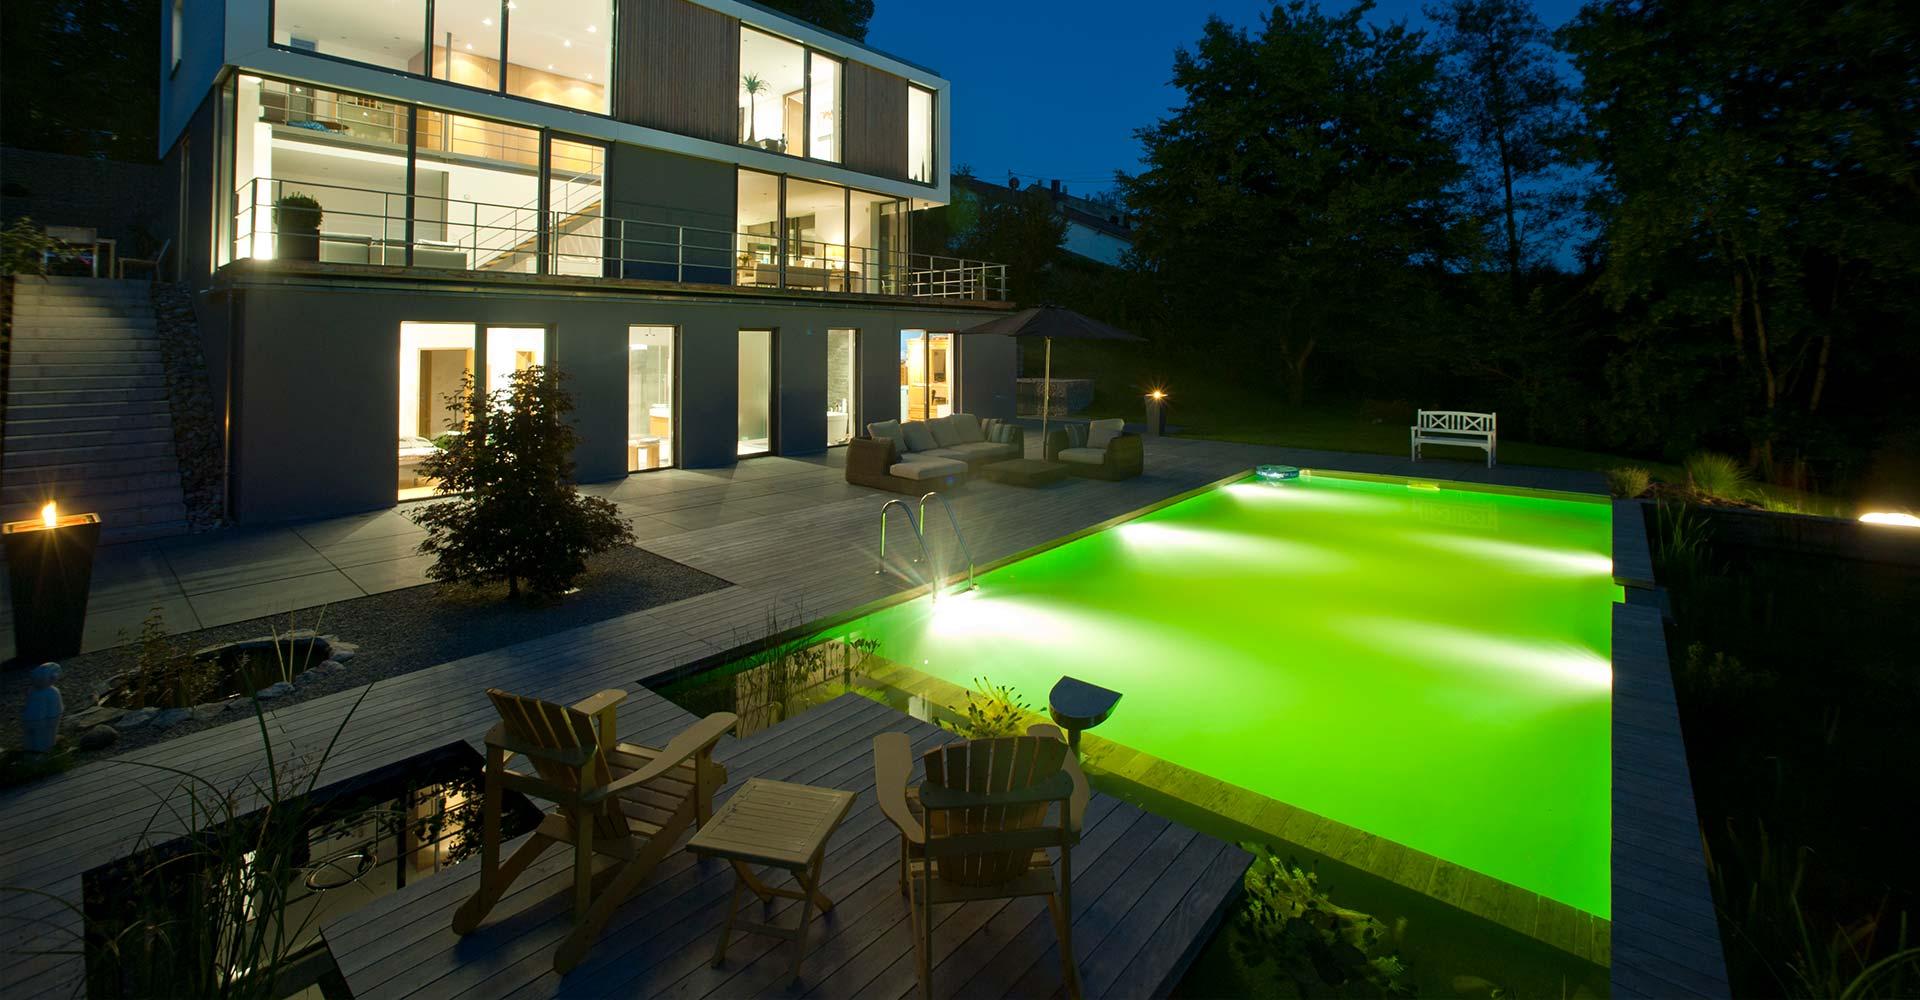 Gartengestaltung Pool